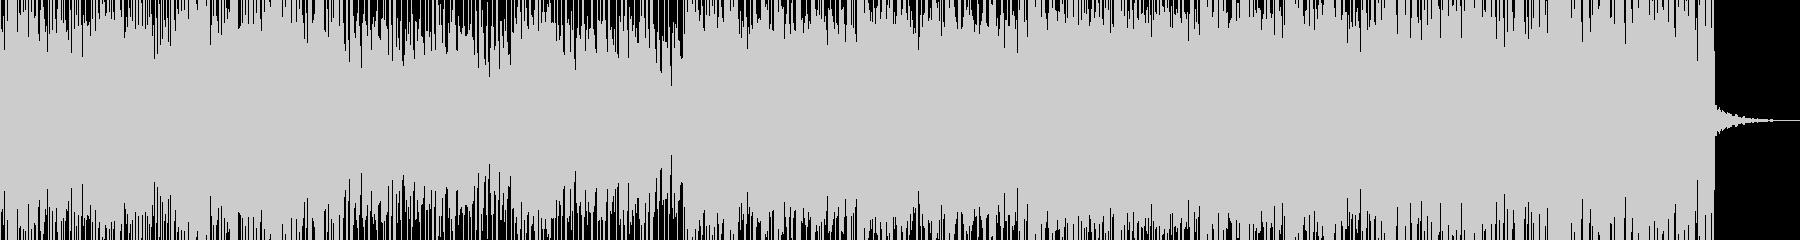 ストリングスメインのメロディアスな緊迫曲の未再生の波形